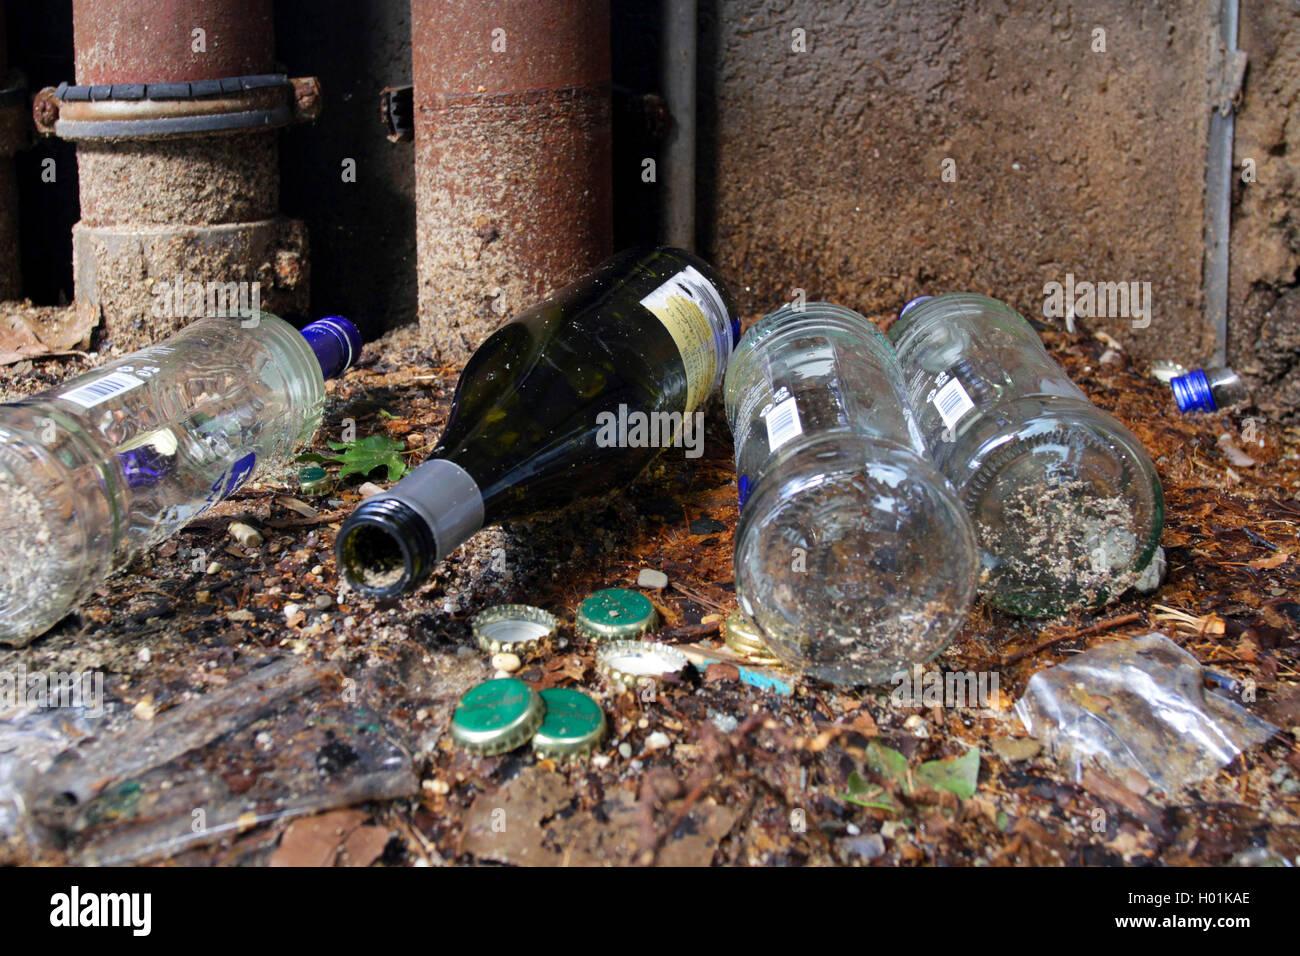 Flaschen von Alkoholikern an einer Strassenecke, Deutschland | empty bottles of alcoholics in a corner, Germany | BLWS432414.jpg Stock Photo